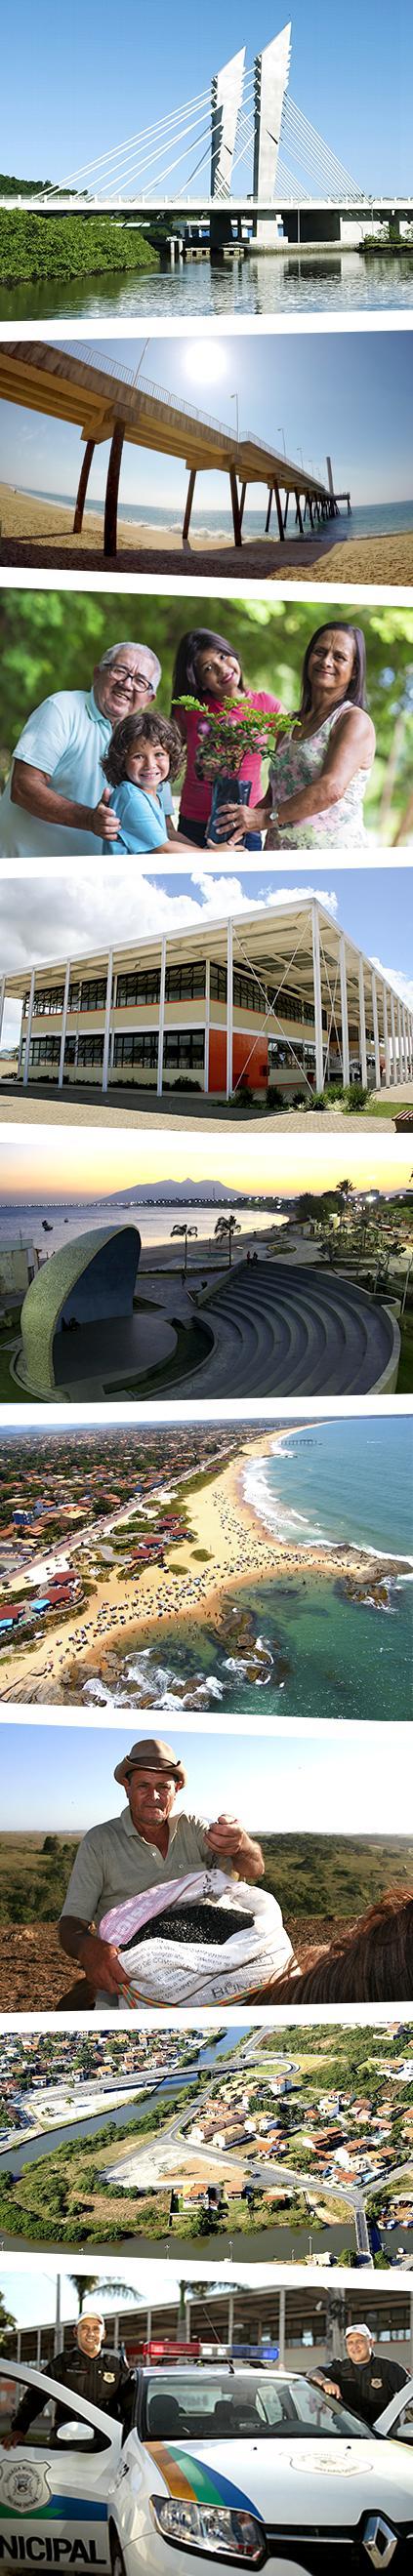 Montagem de várias fotos da cidade de Rio das Ostras e serviços oferecidos pela Prefeitura.